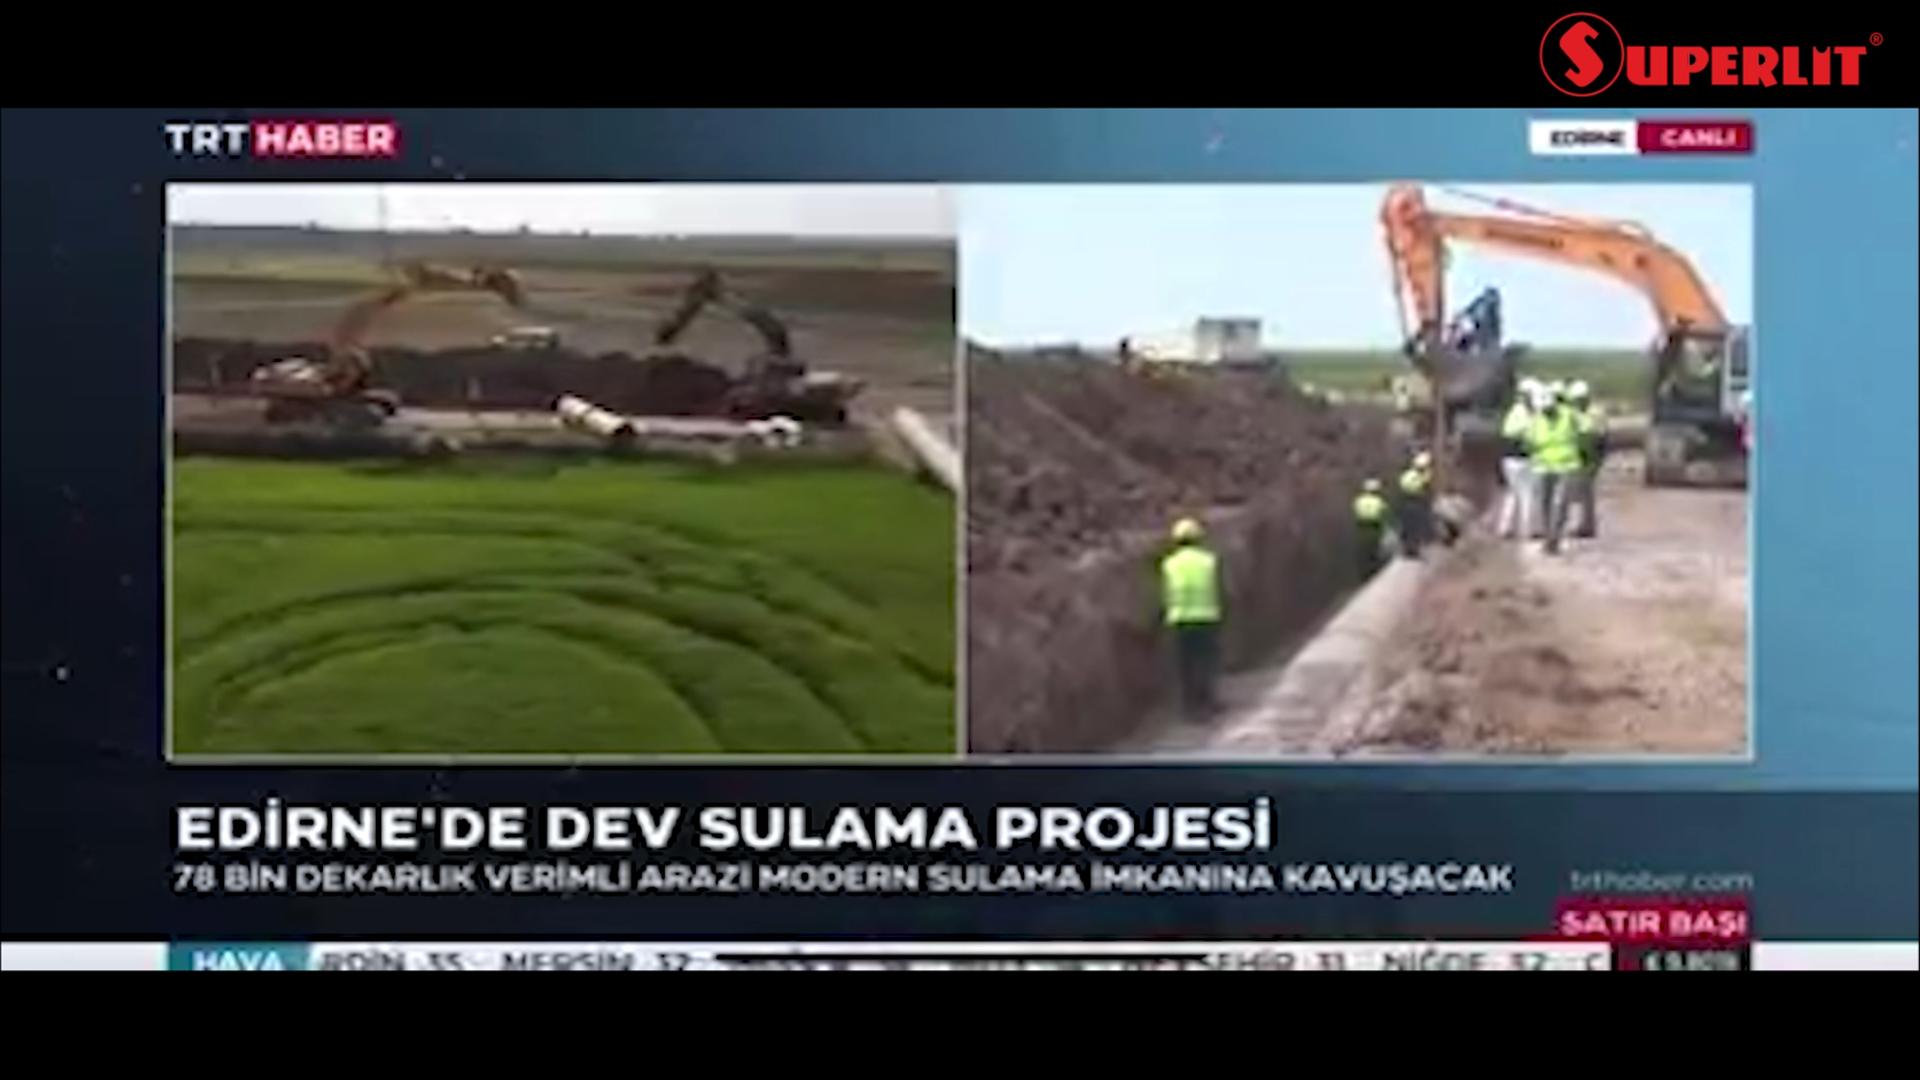 Edirne meriç sulaması projesi trt haber